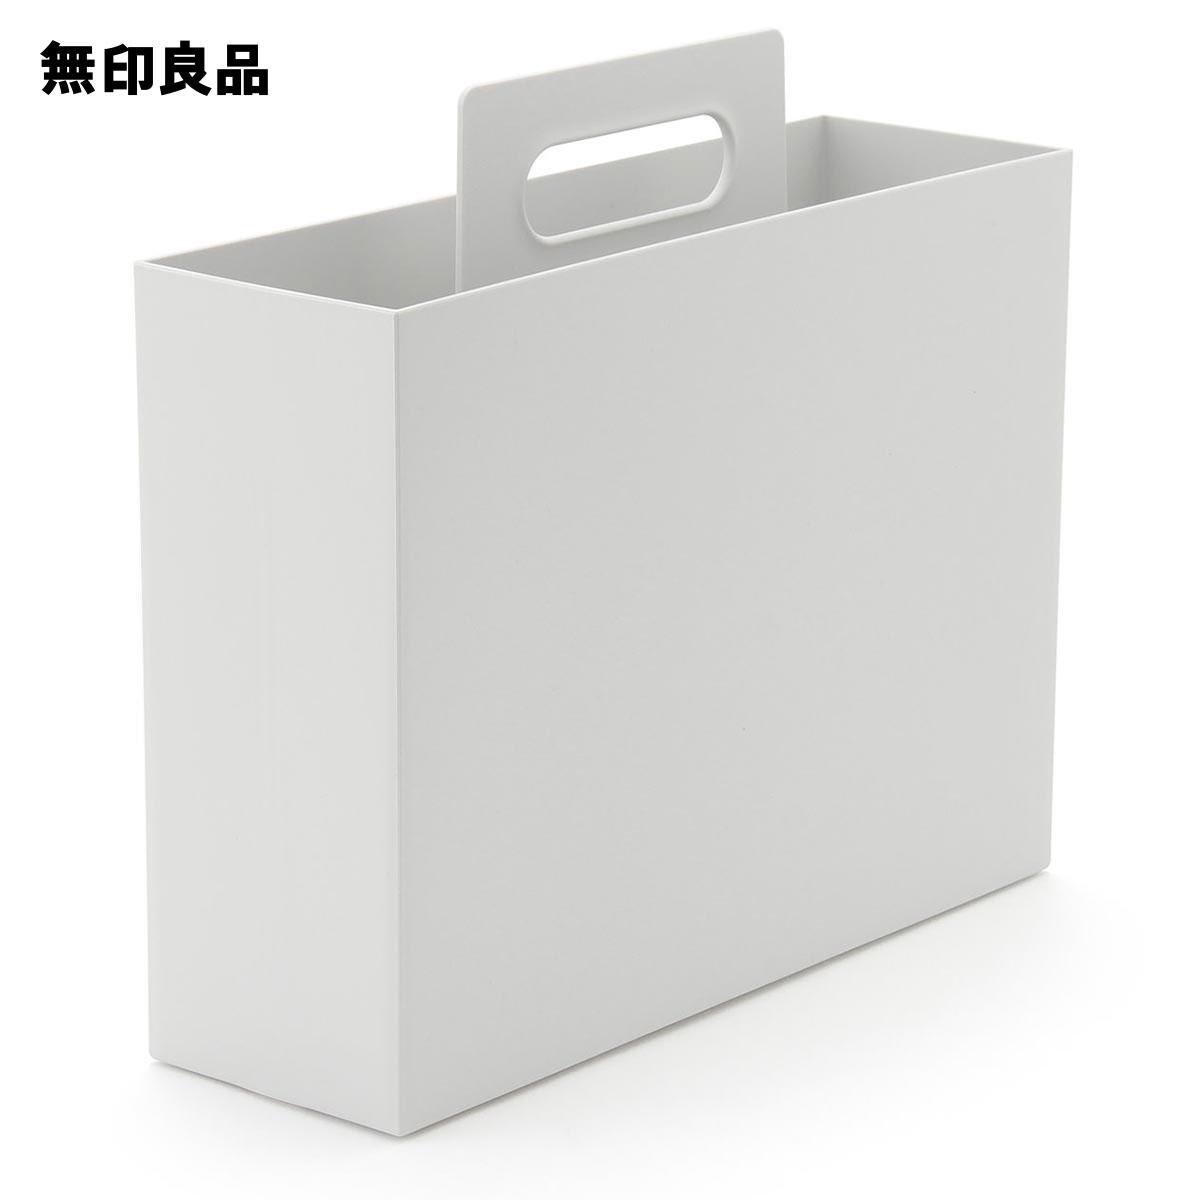 【無印良品 公式】 ポリプロピレン持ち手付きファイルボックス・スタンダードタイプ・ホワイトグレー